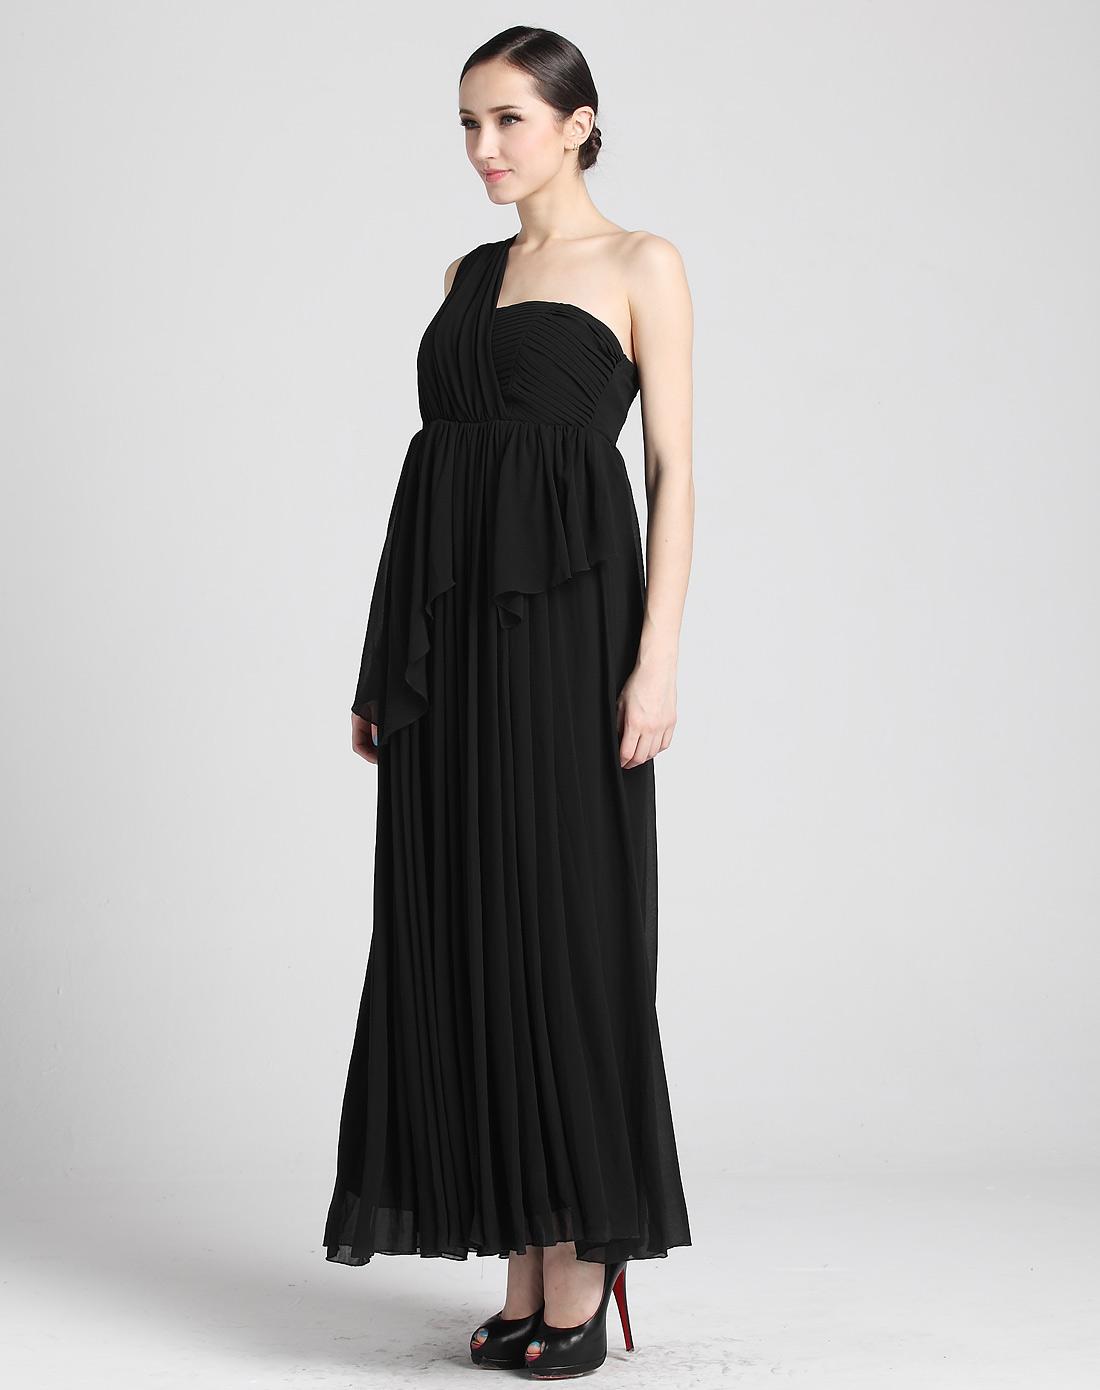 女黑色无袖连衣裙